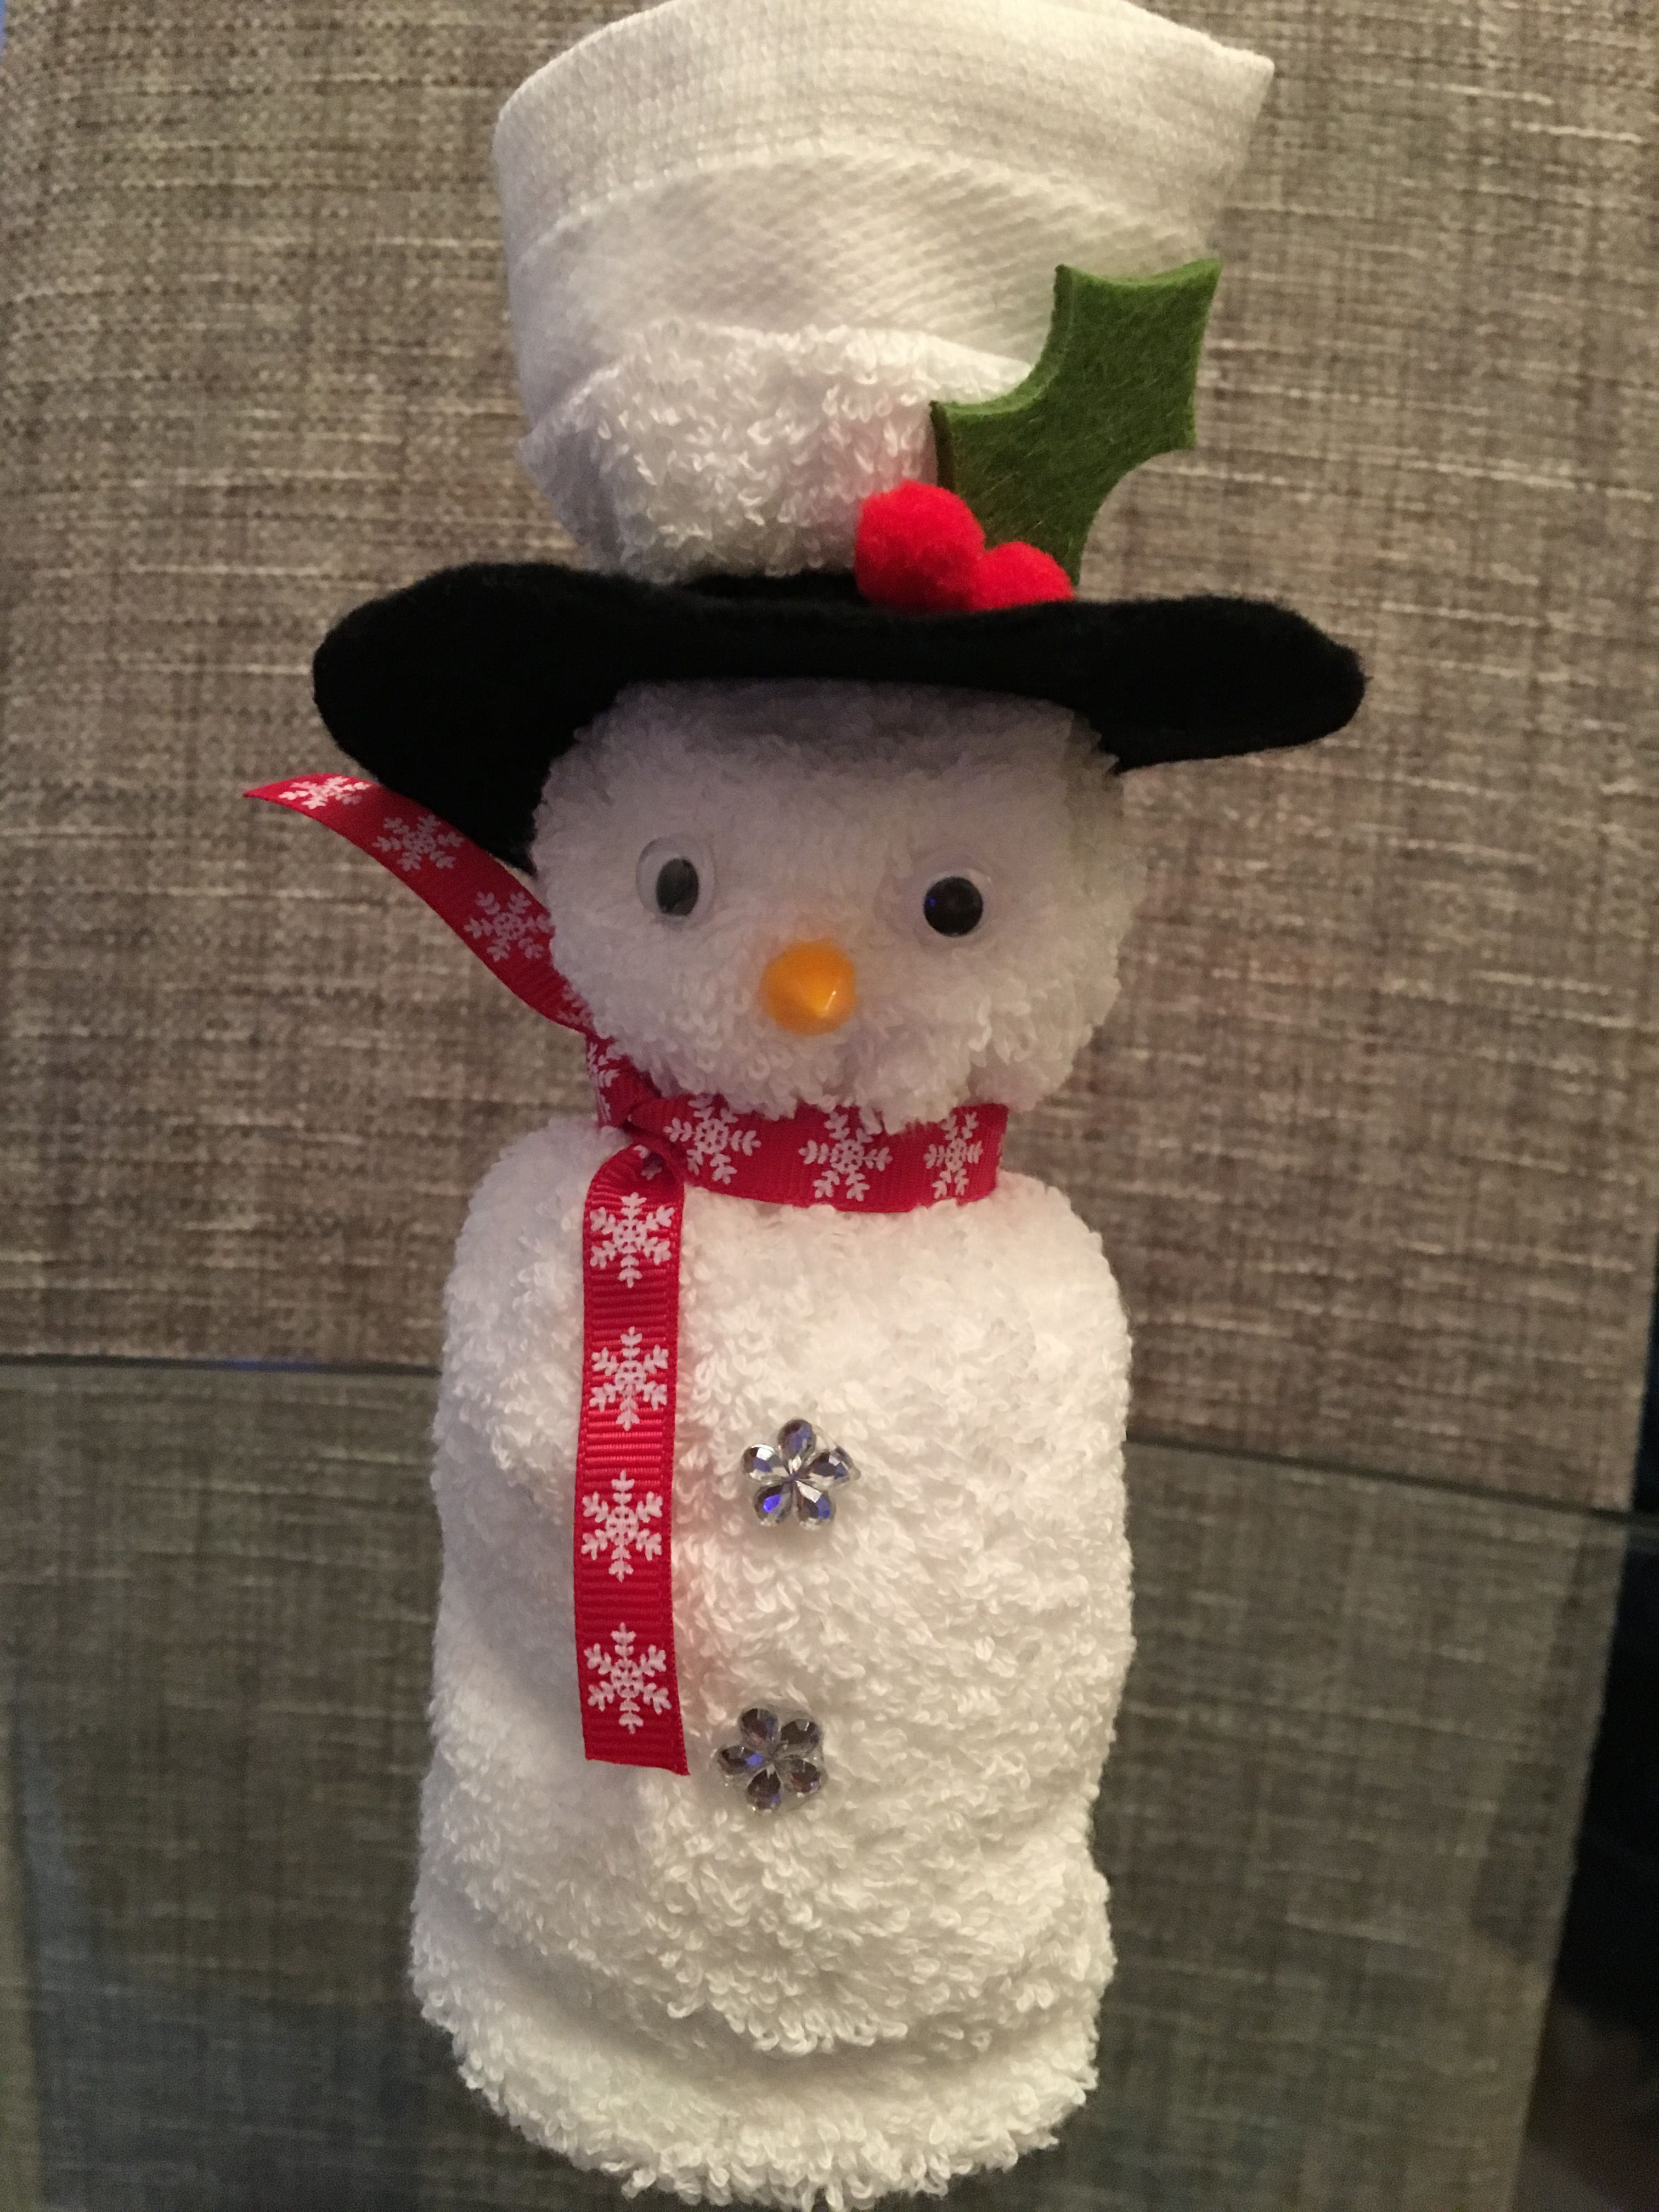 Épinglé Par Dhennin V Sur Cadeau | Bricolage Noel Facile avec Origami Bonhomme De Neige